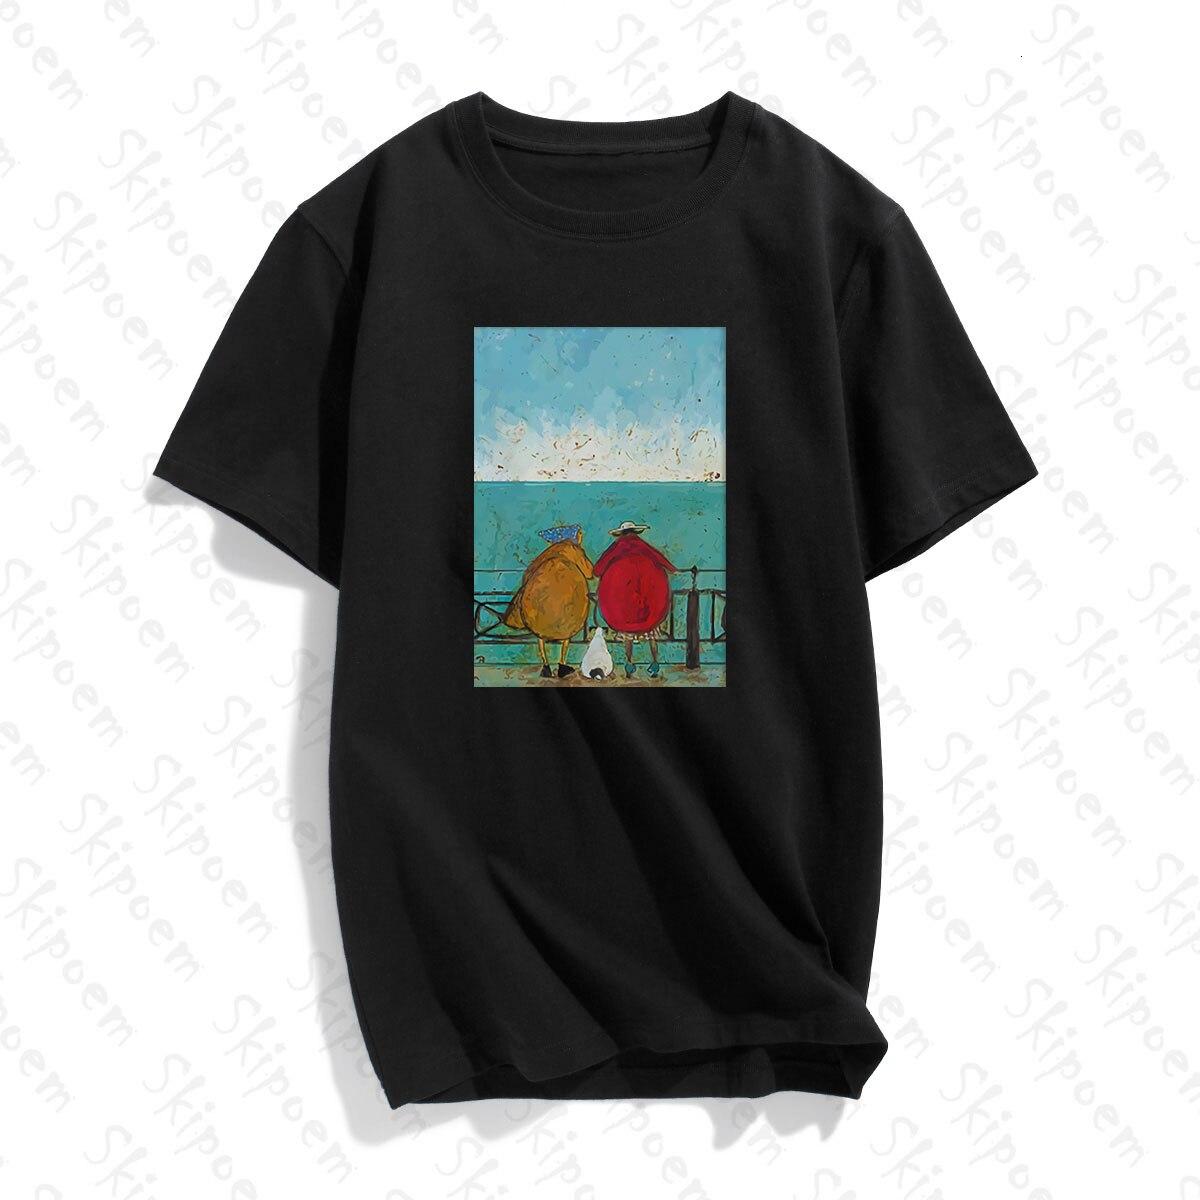 Женская Винтажная футболка с абстрактным изображением велосипедных портретов samtoft, Винтажная Футболка Tumblr в стиле панк, уличная одежда